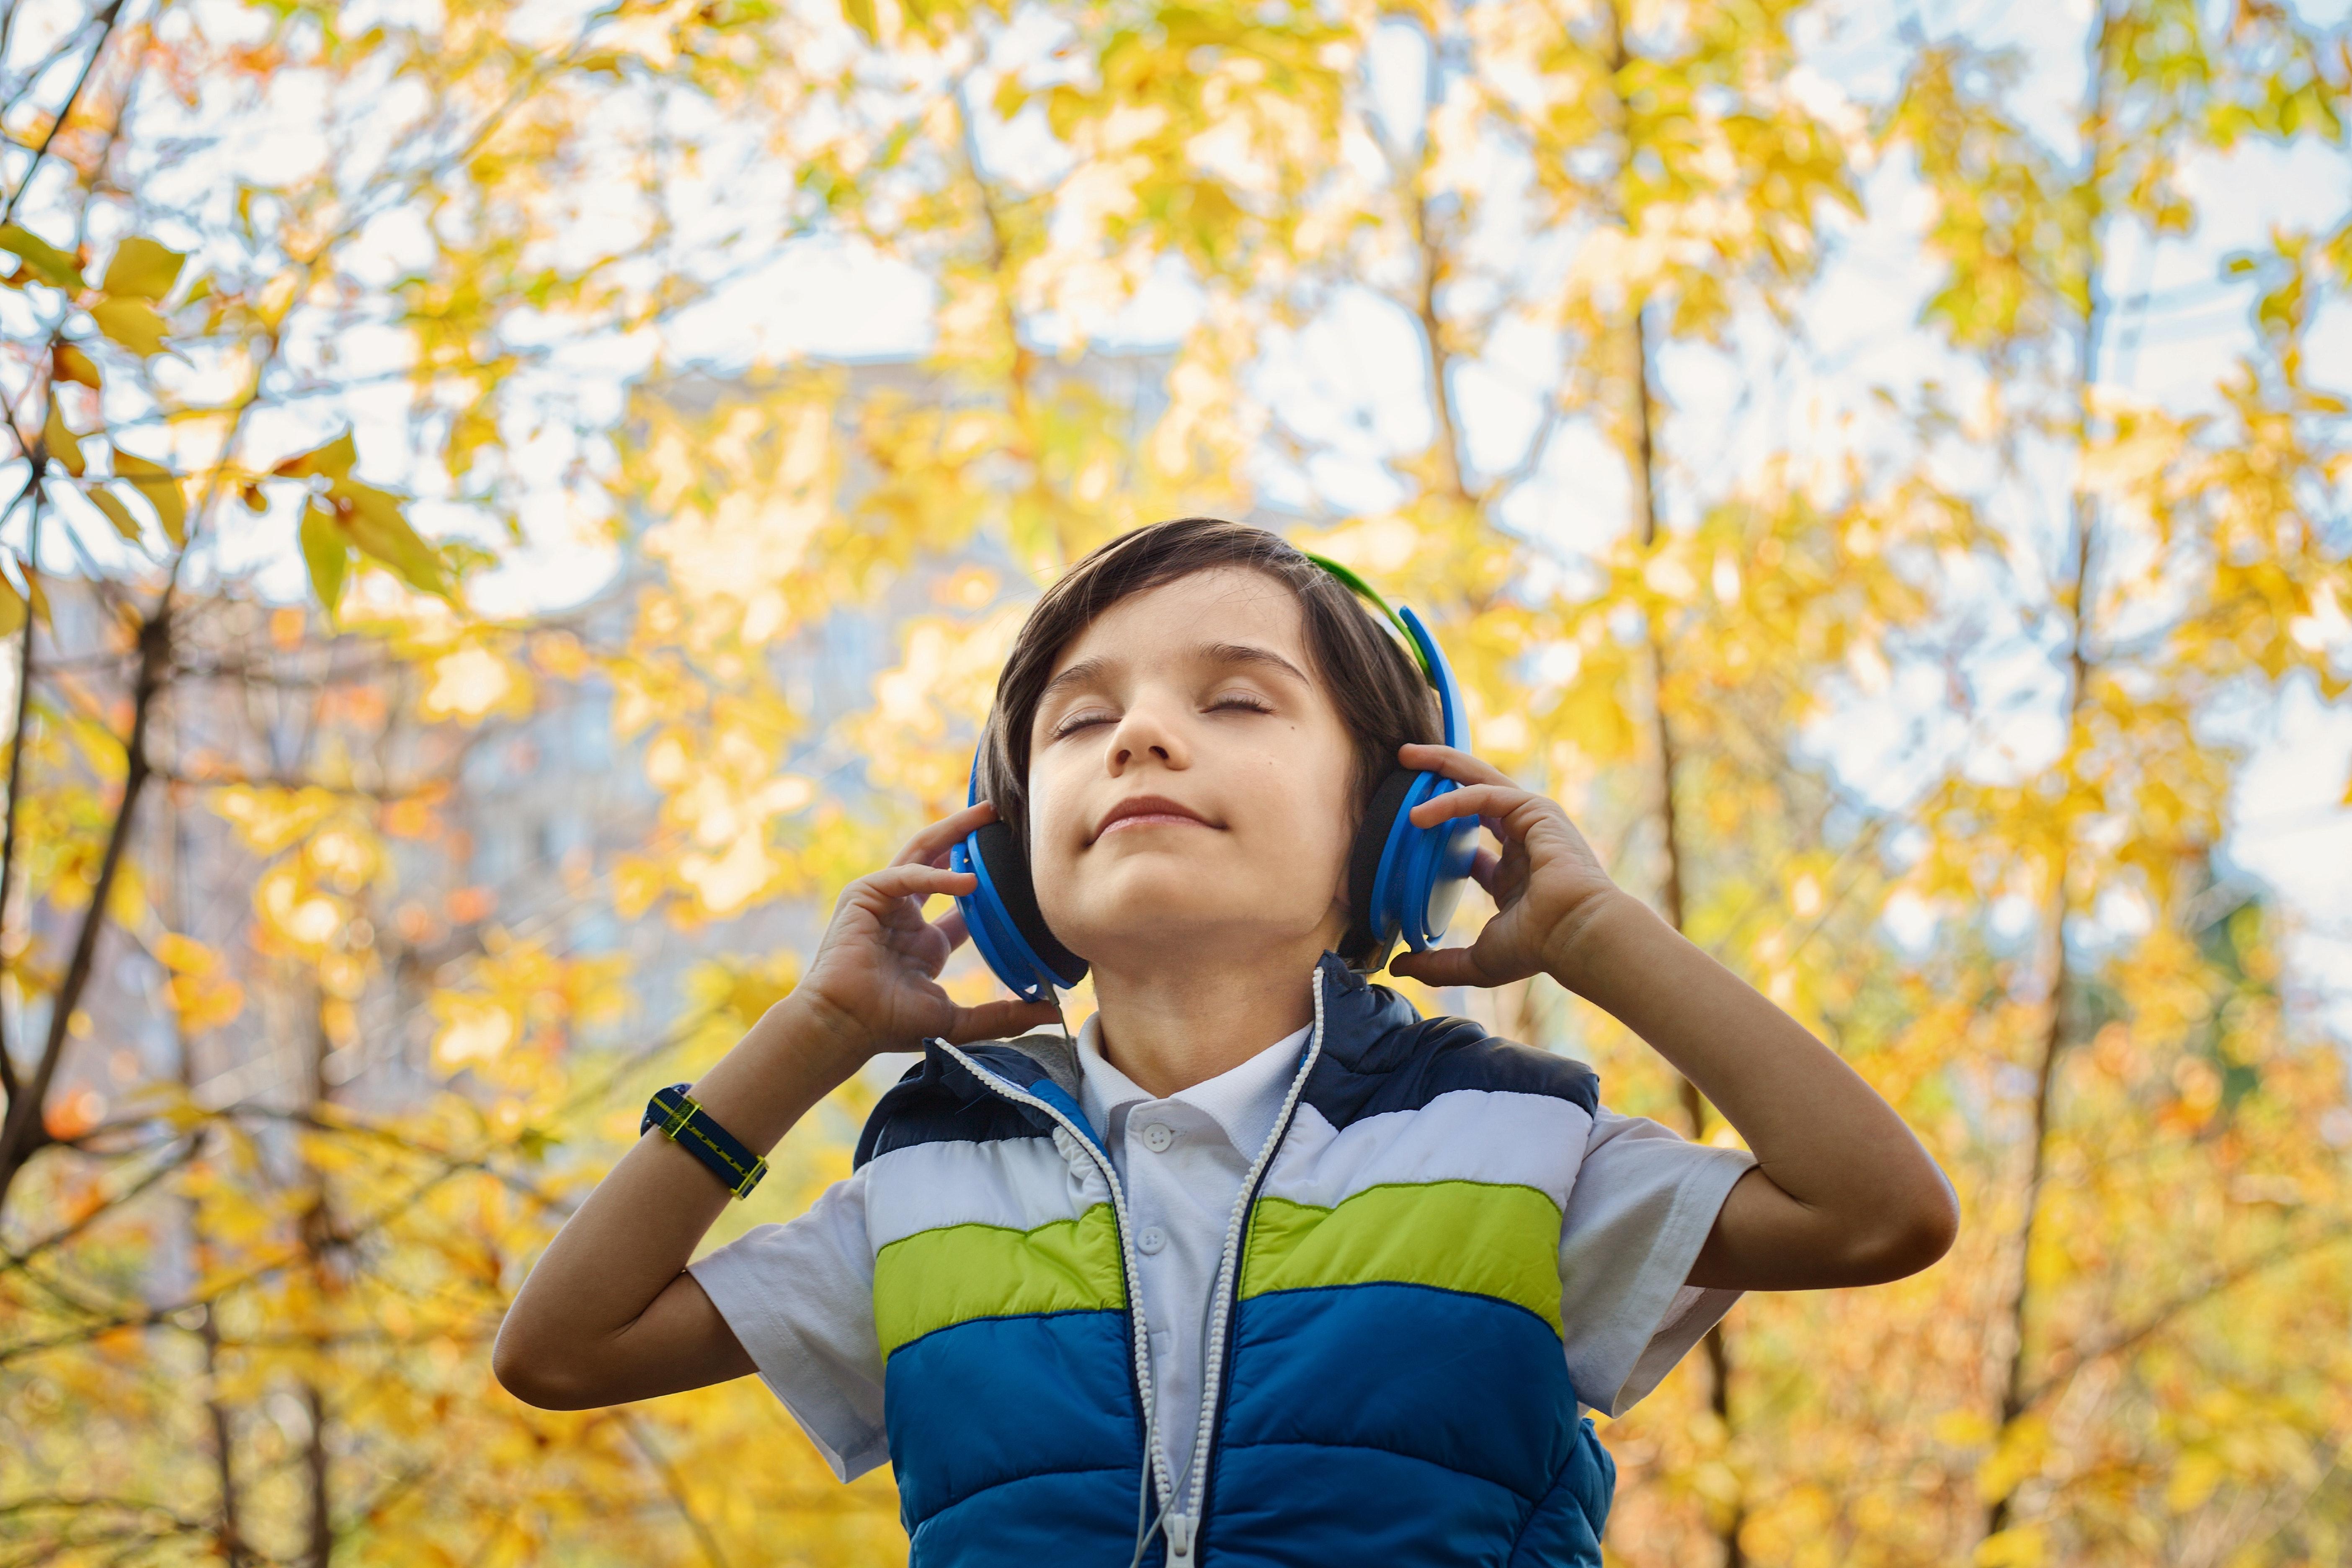 menino ouvindo música com um fone de ouvido em um lugar cheio de flores amarelas